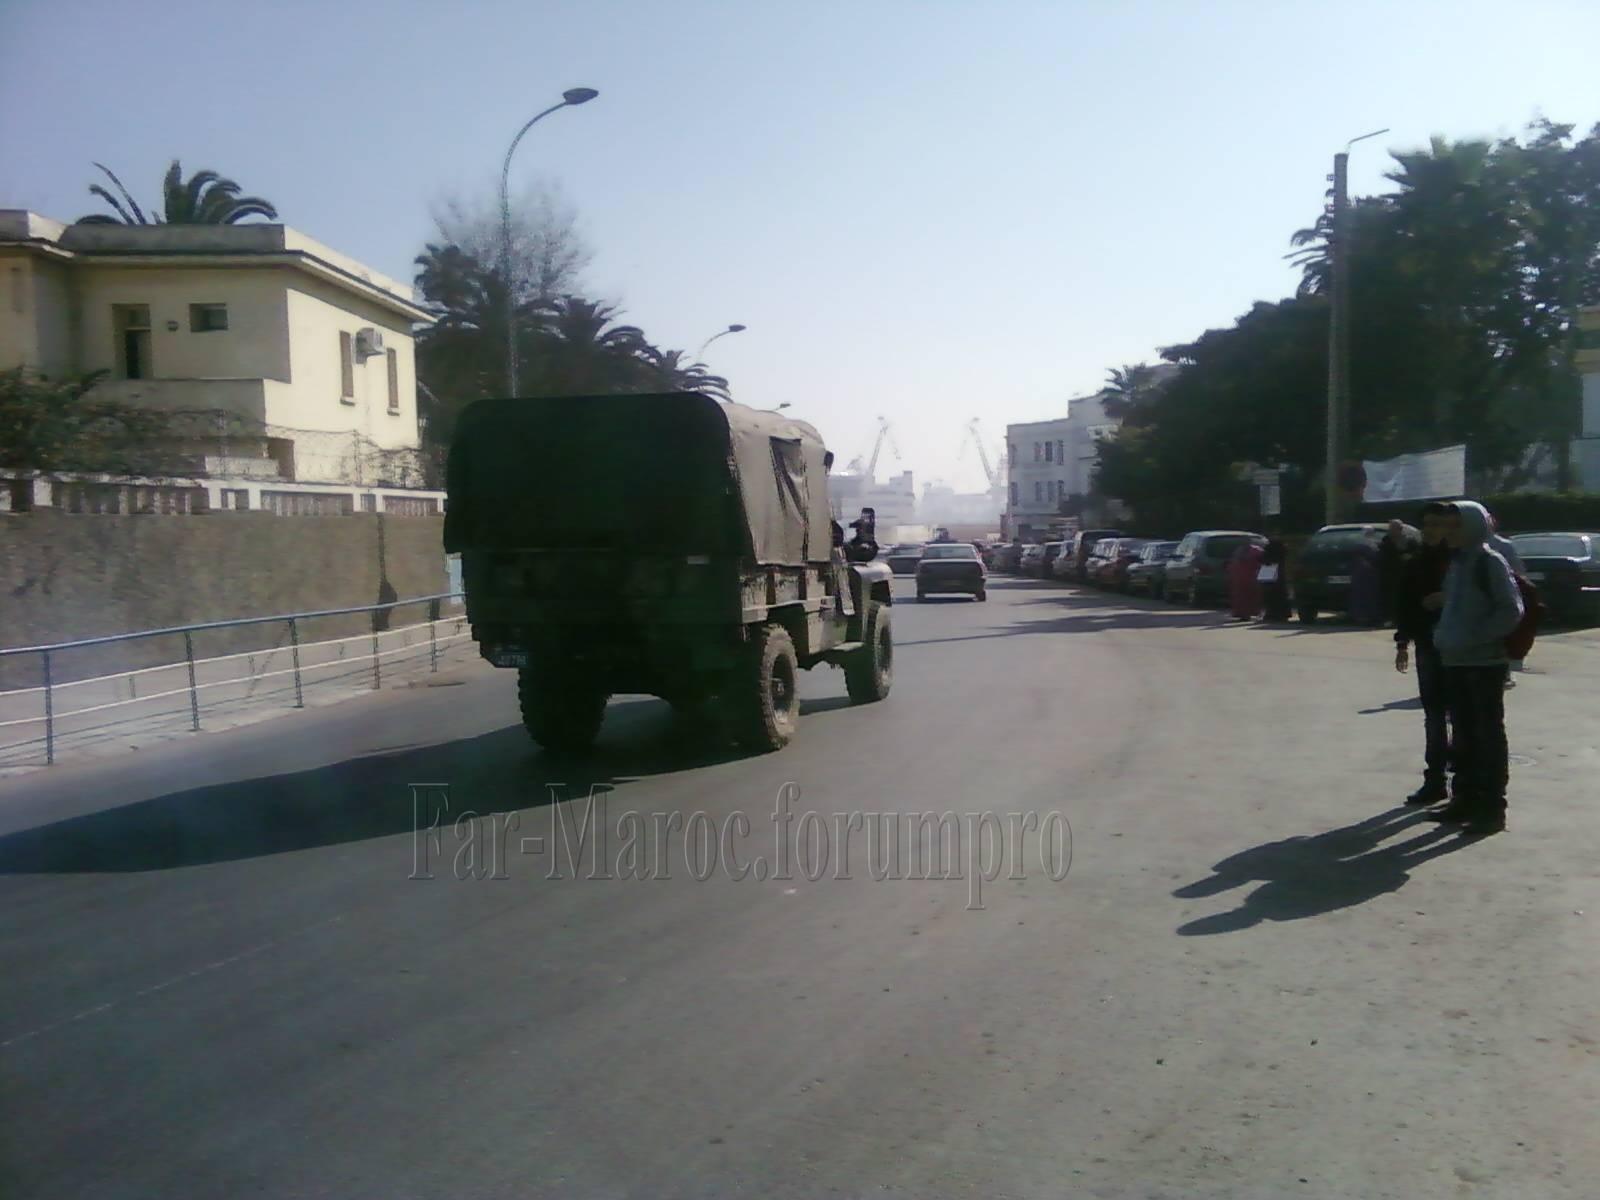 Photos - Logistique et Camions / Logistics and Trucks - Page 3 Photo018